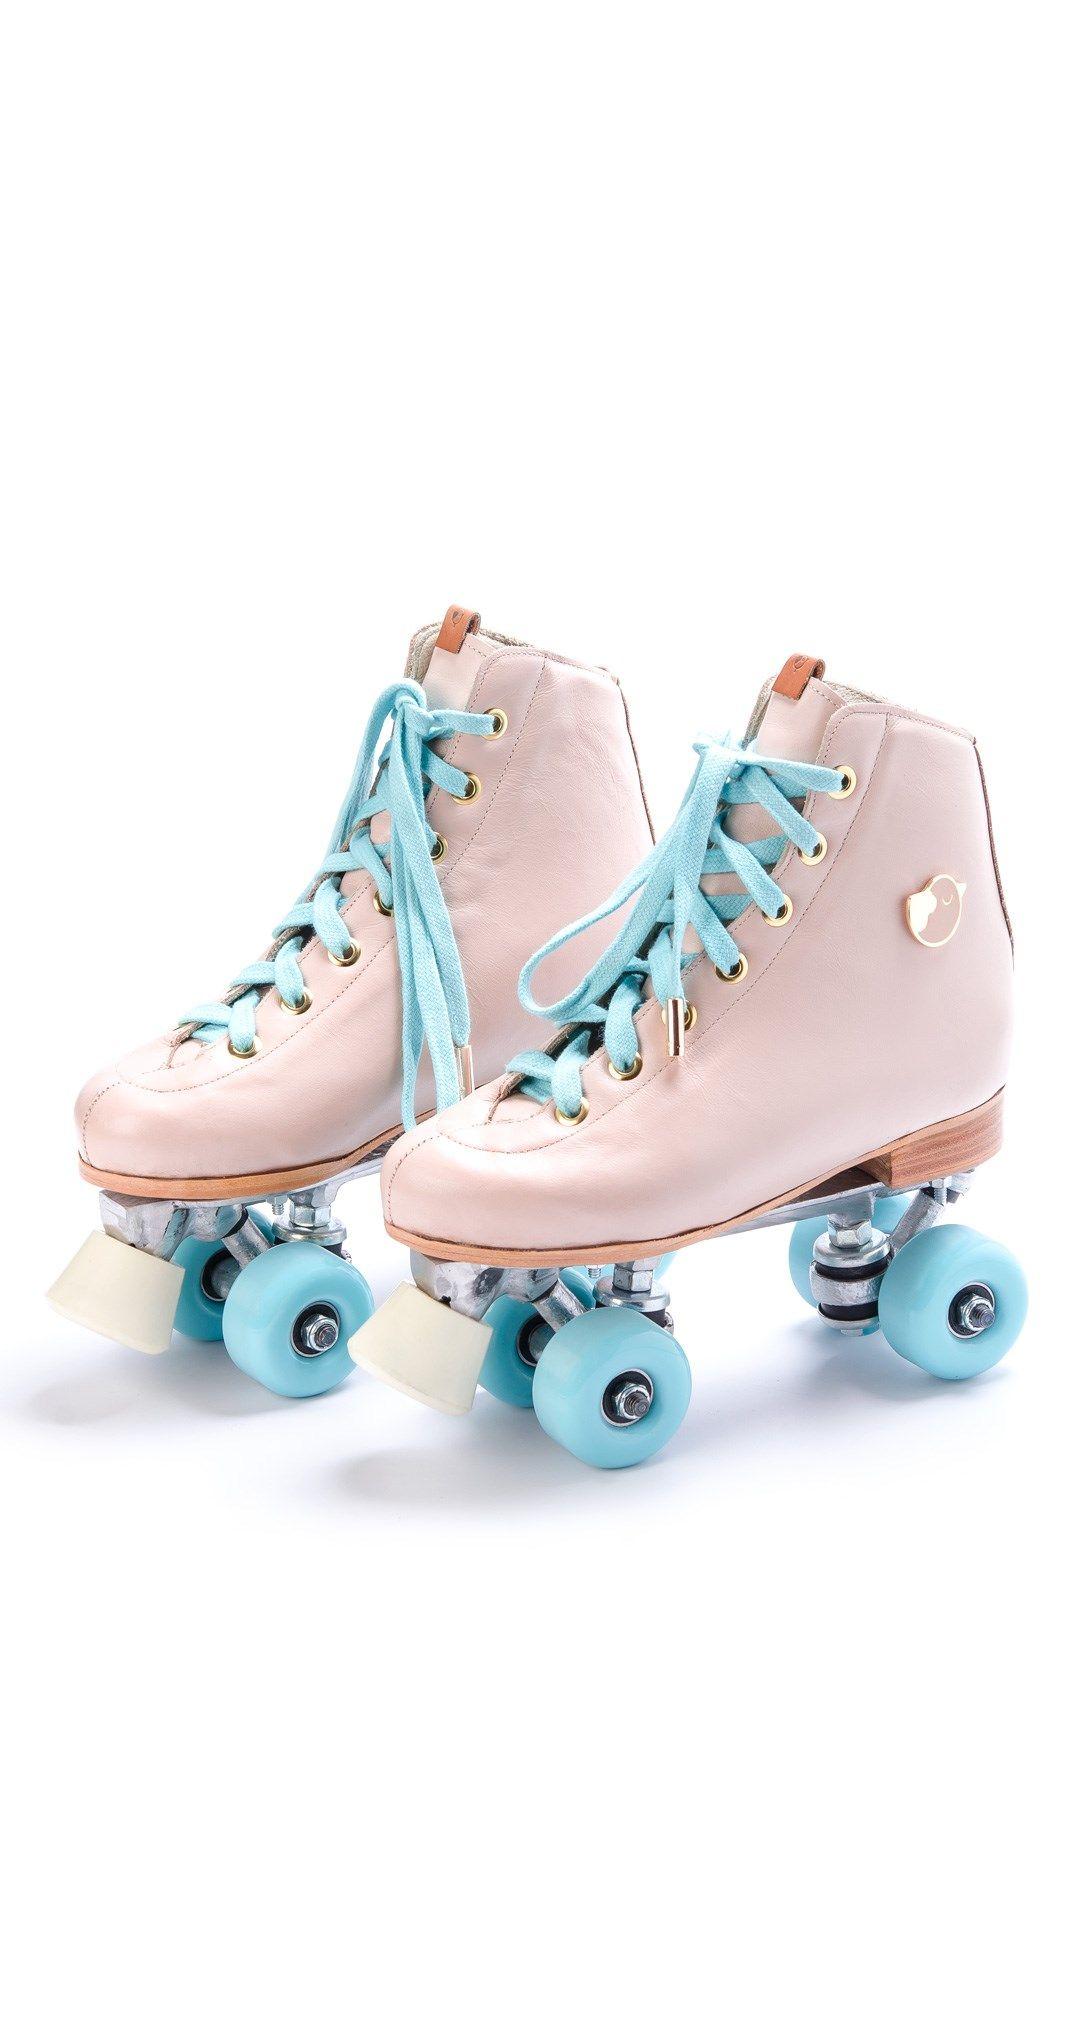 Achei fofos  ---  mas eu não sei andar de patins  -    Só coisas ... 39bbf0d728